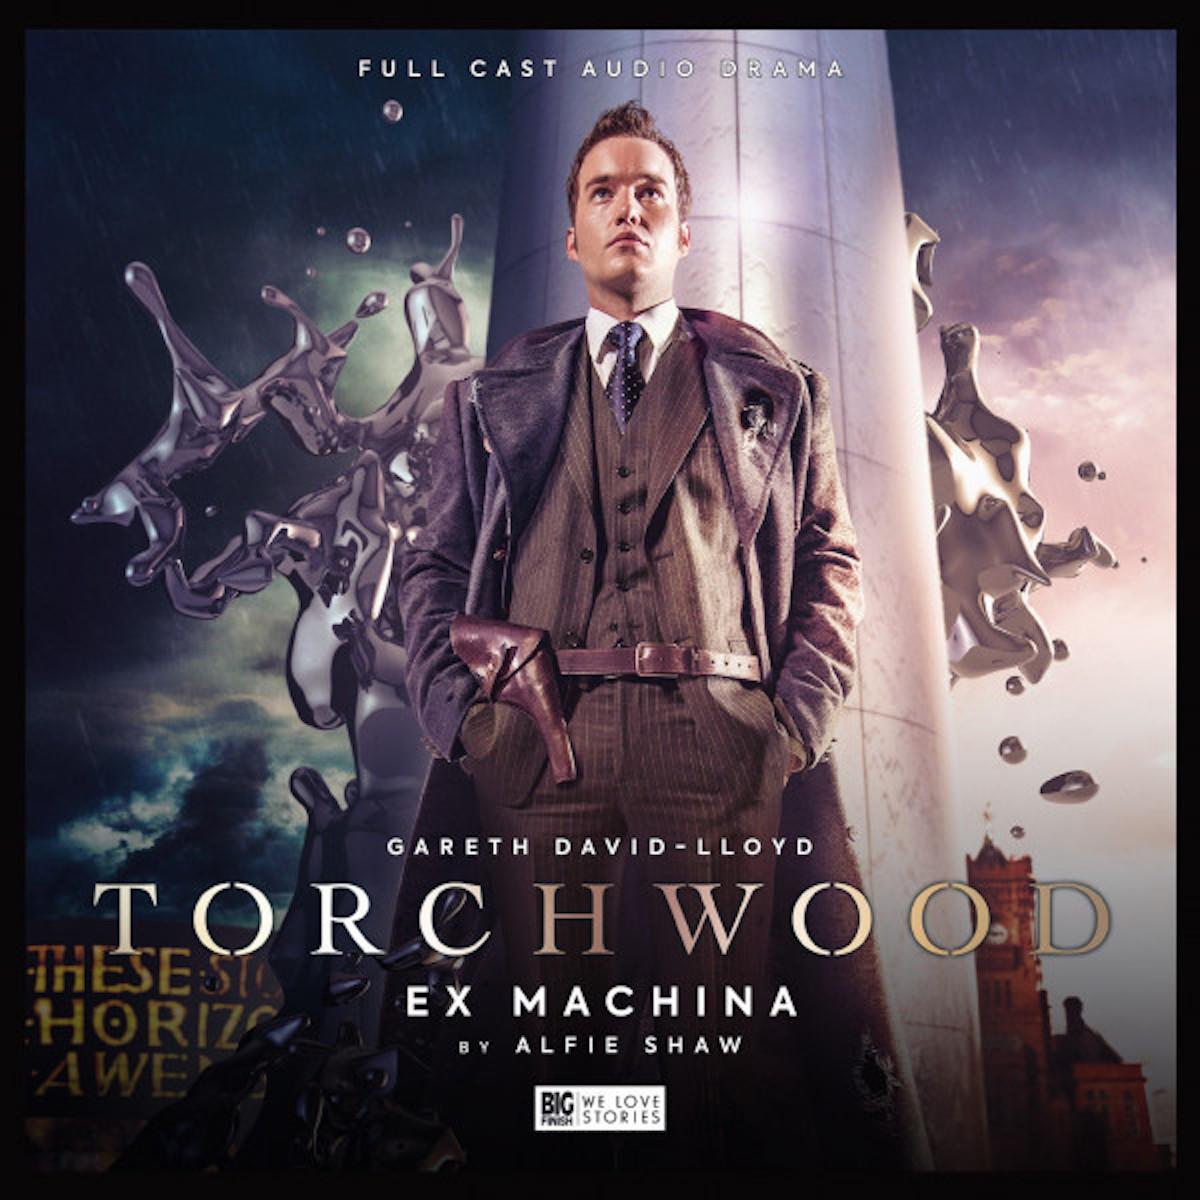 Torchwood: Ex Machina